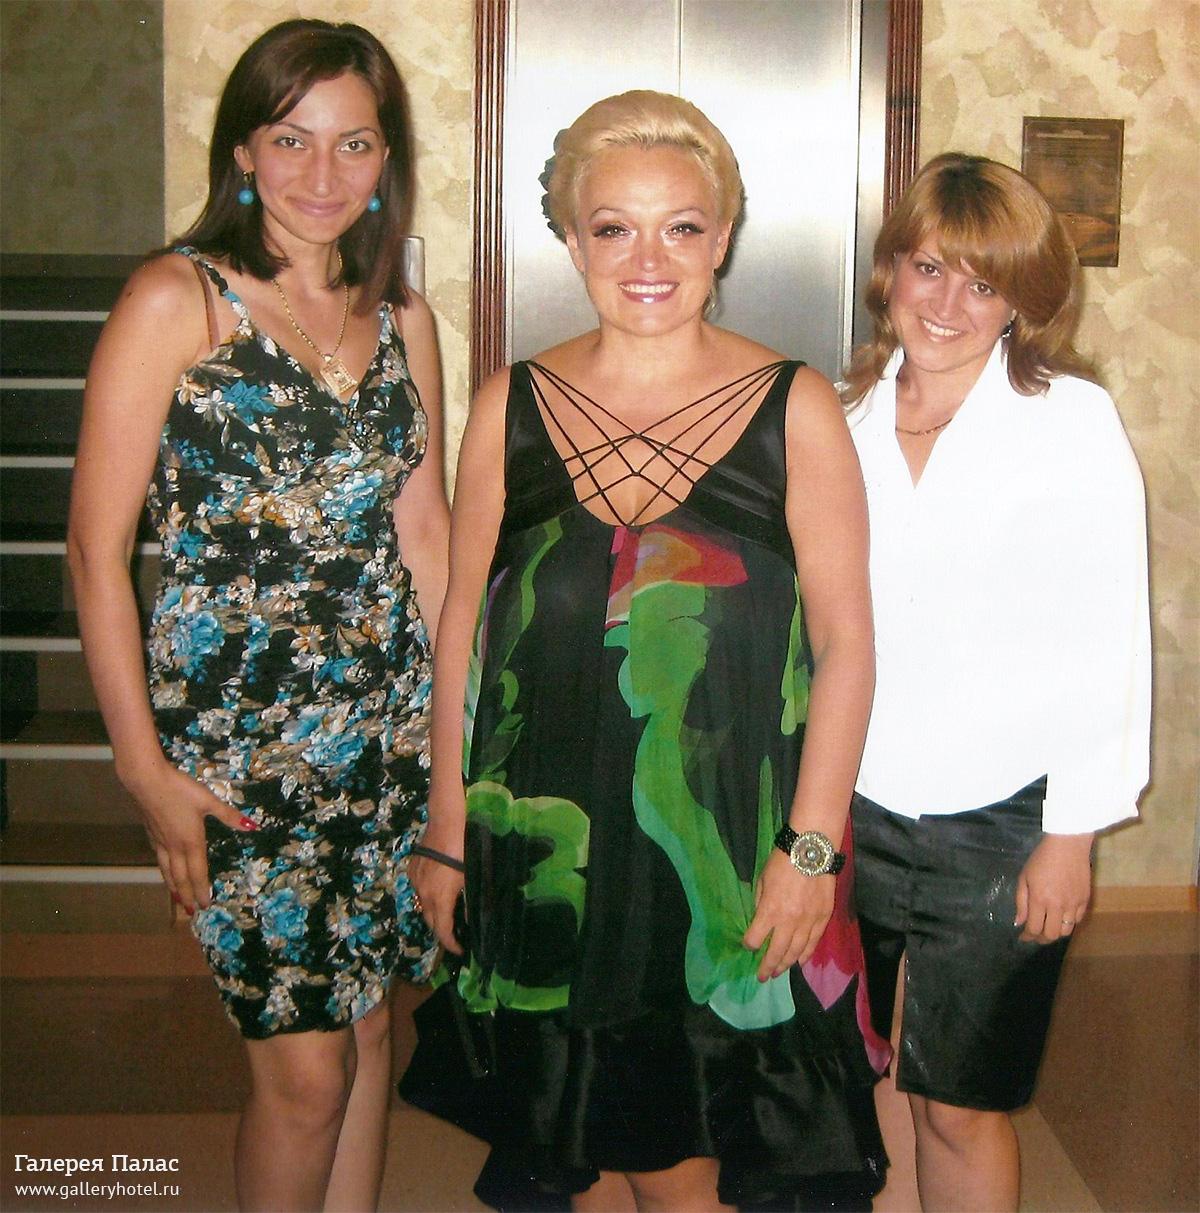 Надежда Кадышева отплясывает на свадьбе сына.Свадьбу, на которой